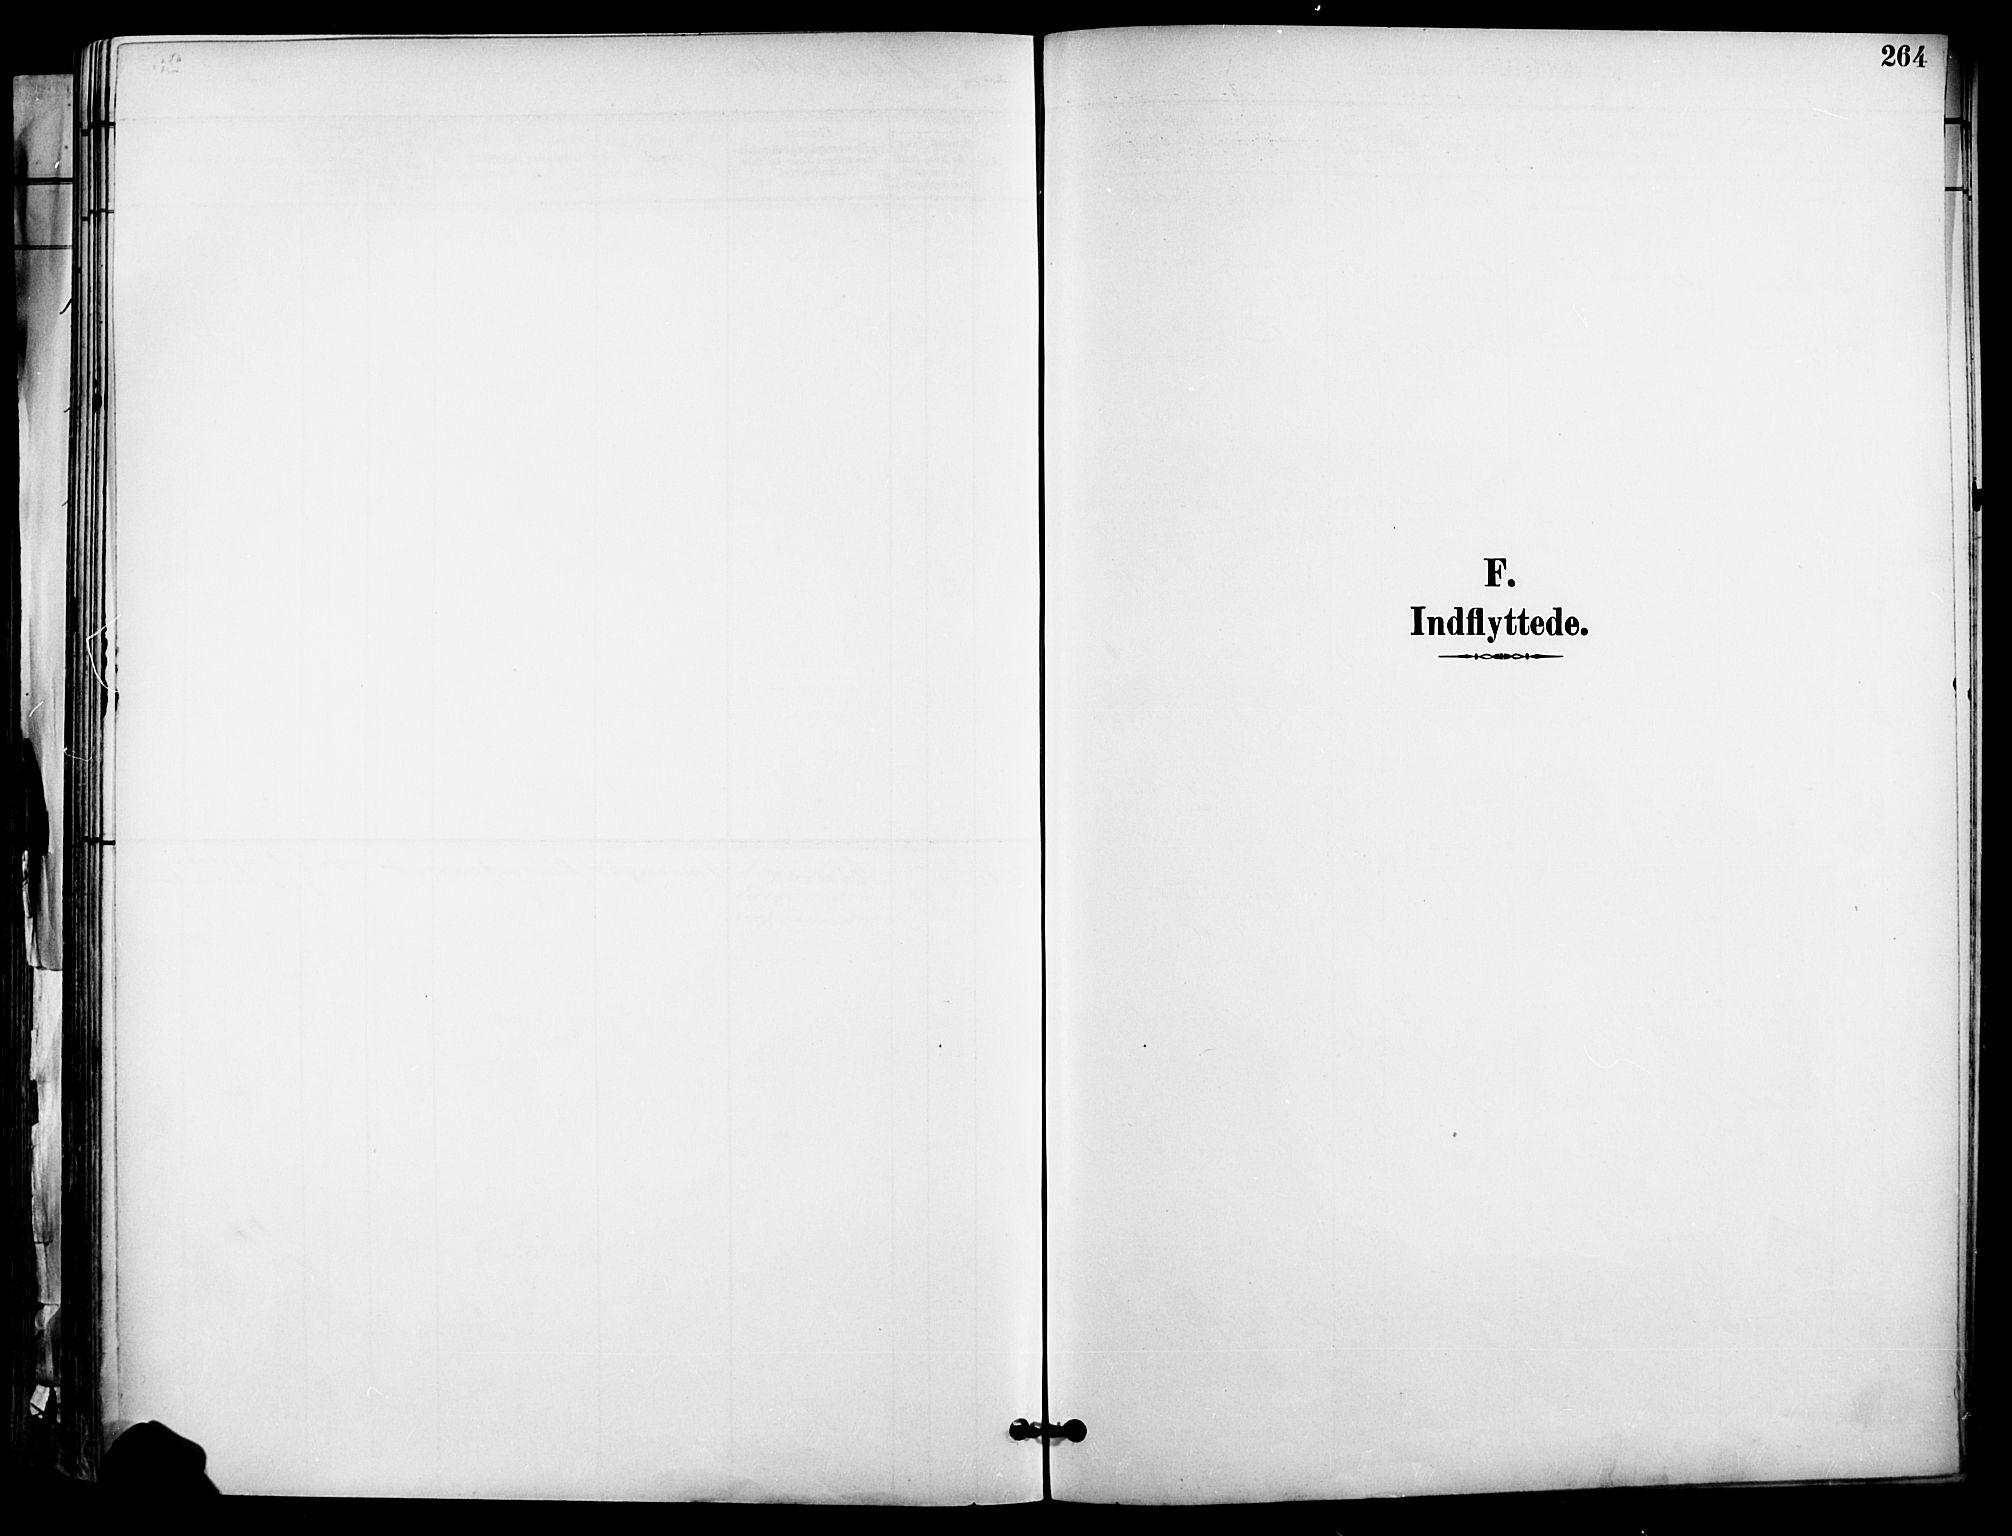 SAO, Garnisonsmenigheten Kirkebøker, F/Fa/L0013: Parish register (official) no. 13, 1894-1904, p. 264